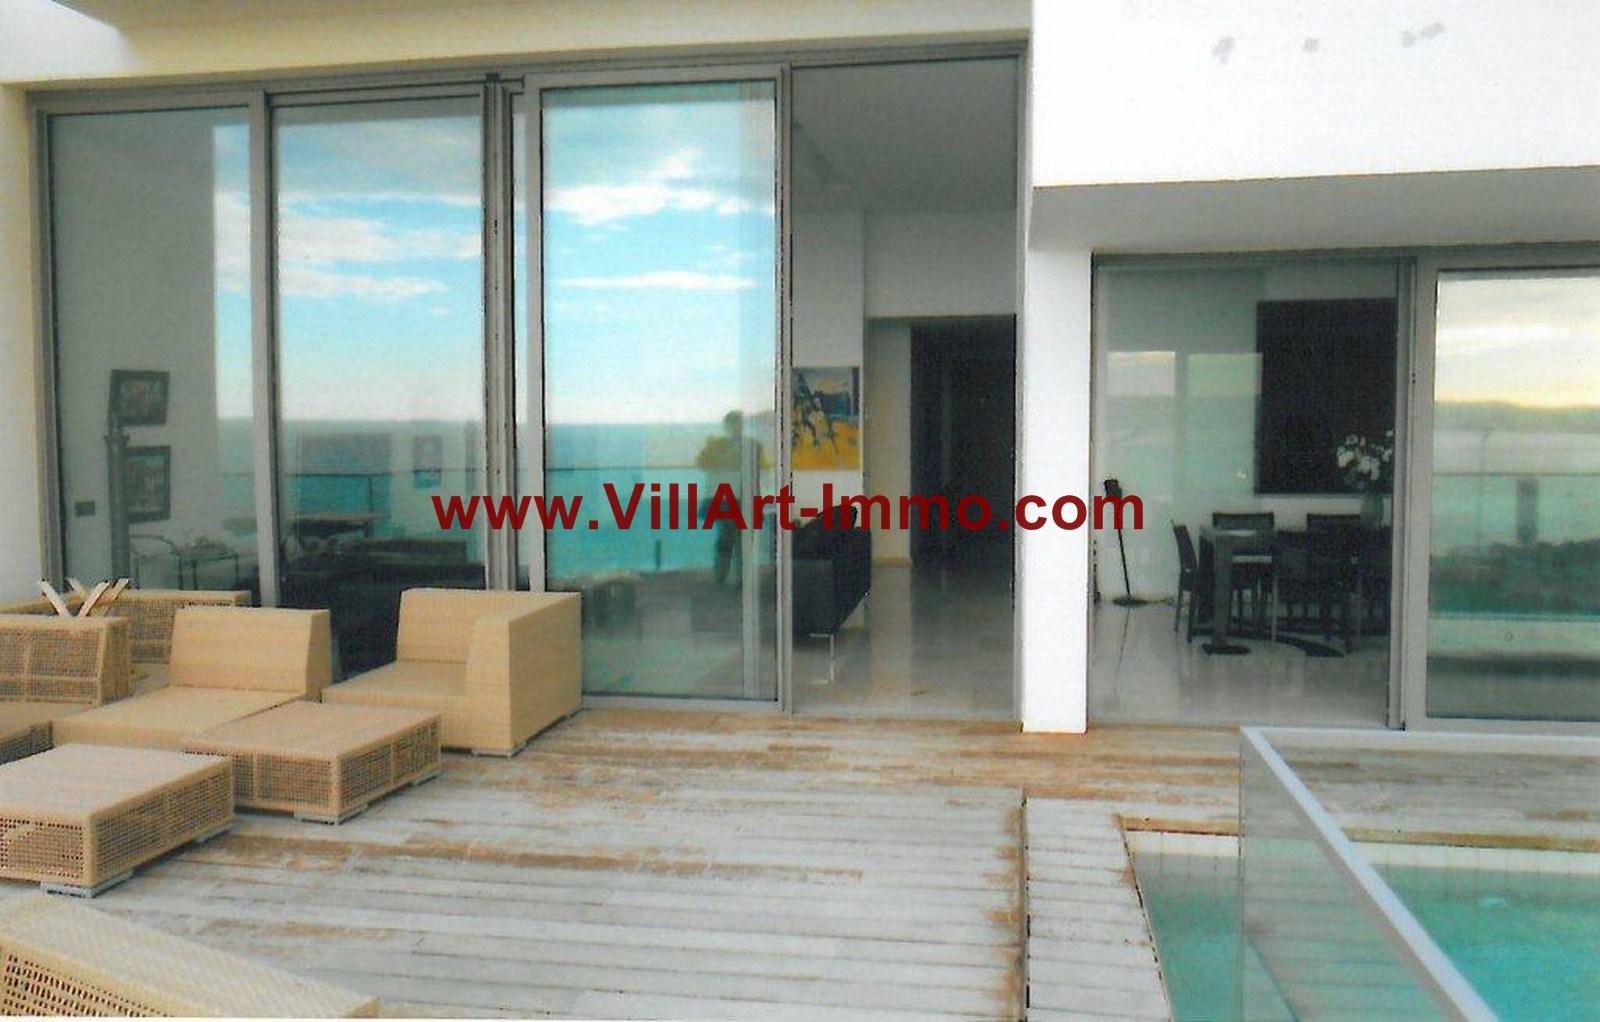 11-Location-Appartement-Meublé-Tanger-Terrasse-L749-Villart immo